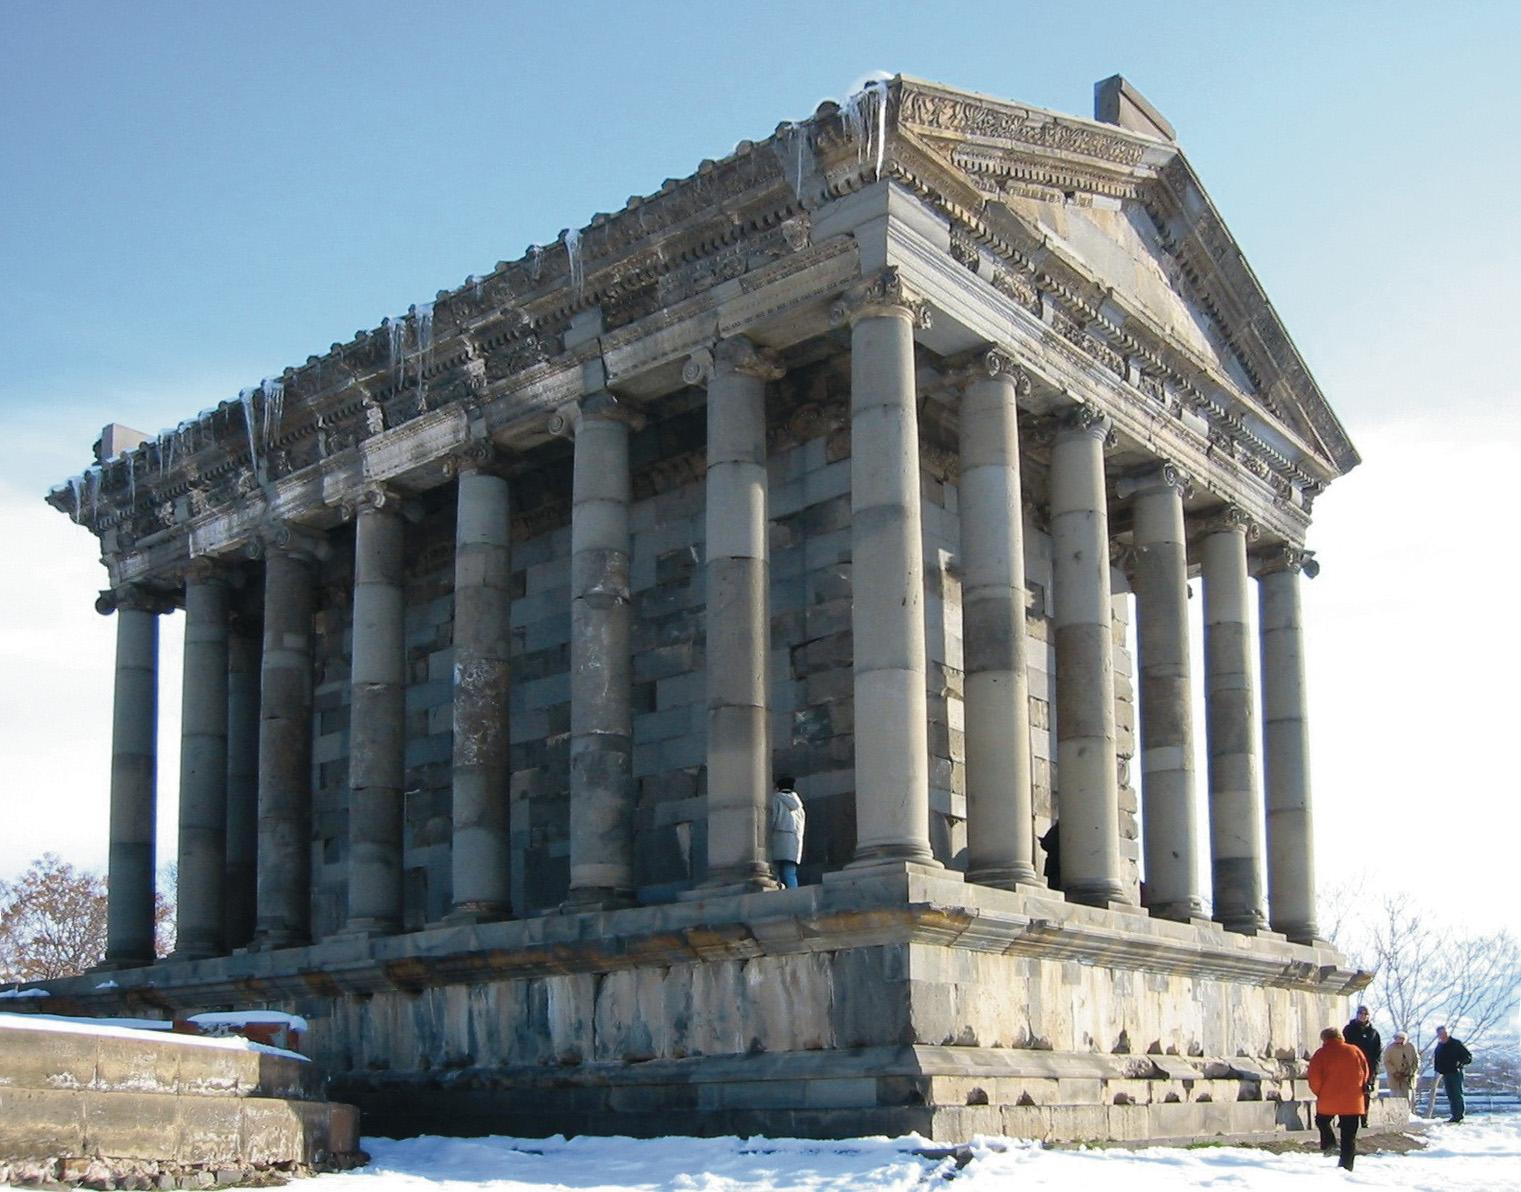 Der Tempel von Garni orientiert sich an hellenistisch-römischen Formen und wurde im 1. Jahrhundert v. Chr. errichtet. In der Neuzeit durch ein Erdbeben zerstört, wurde er im 20. Jahrhundert aus Originalteilen wieder errichtet.